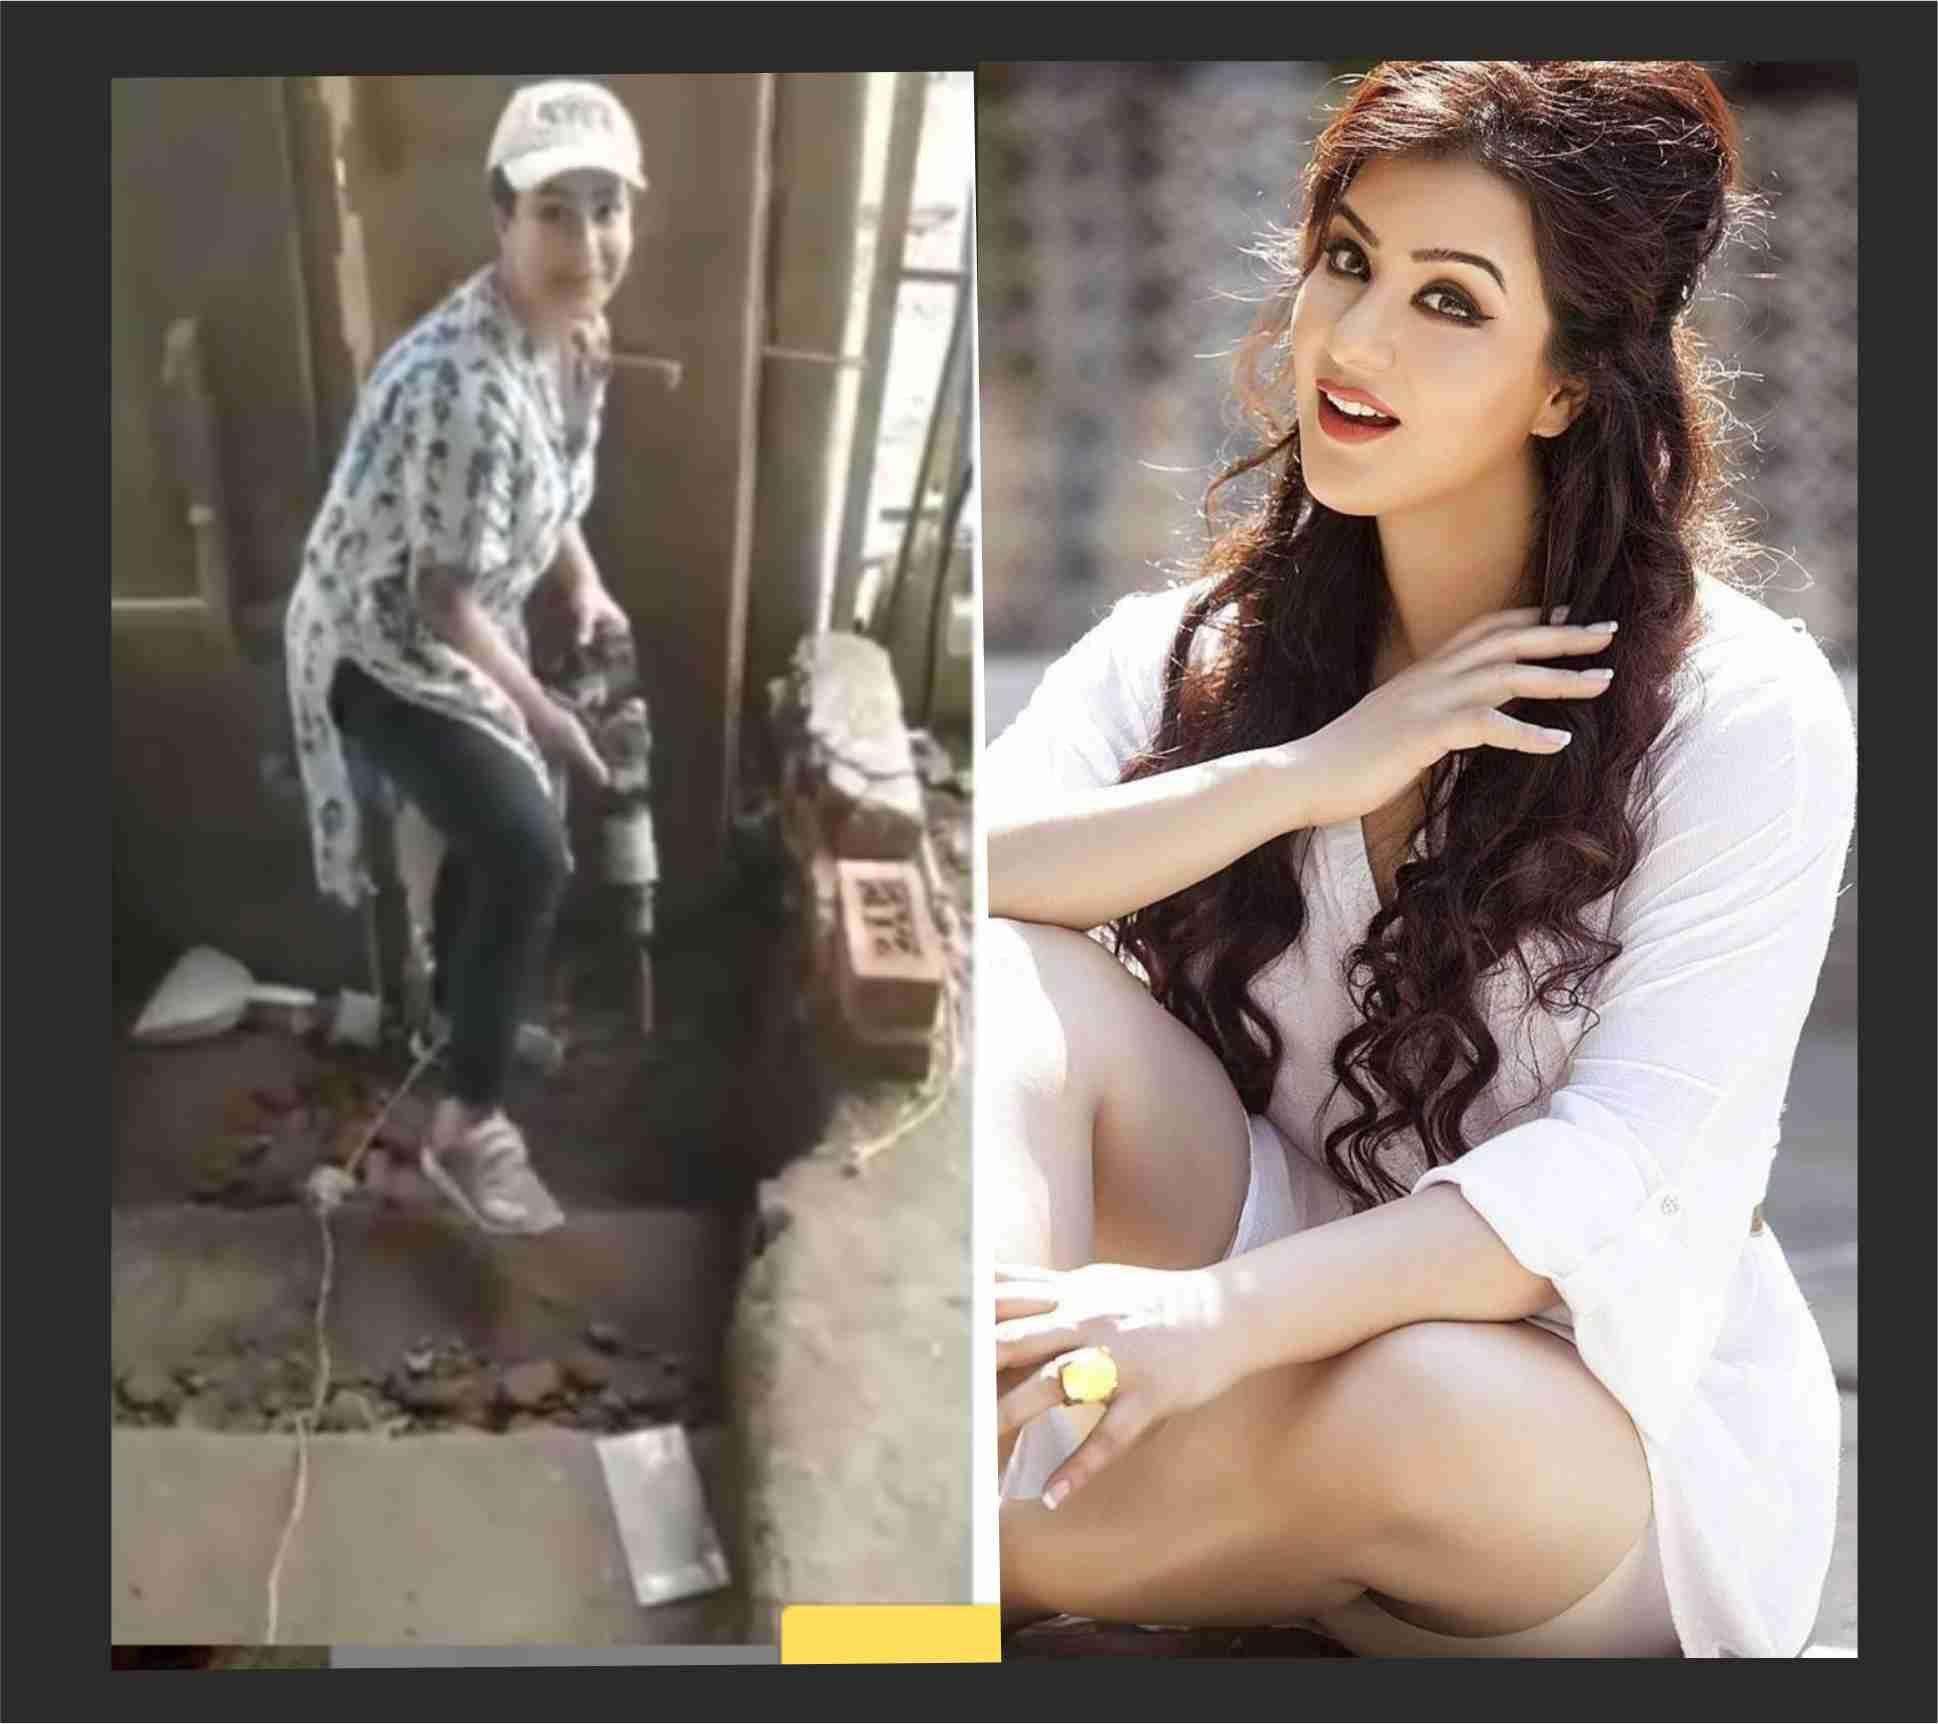 """Shilpa Shinde : लाॅकडाउन में """"अंगूरी भाभी"""" एक्टिंग छोड़ ढूंढ लिया नया काम, नजर आईं पत्थर तोड़ती : VIDEO"""